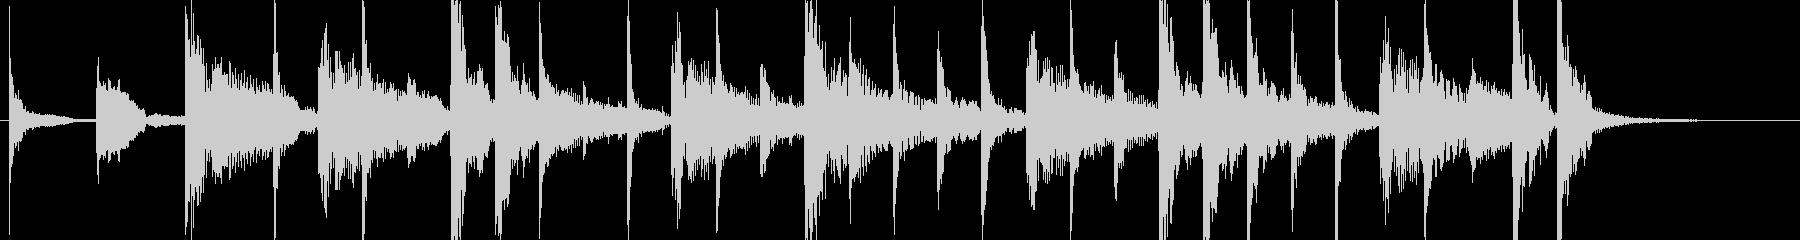 ラテンなジングル ♩=130の未再生の波形